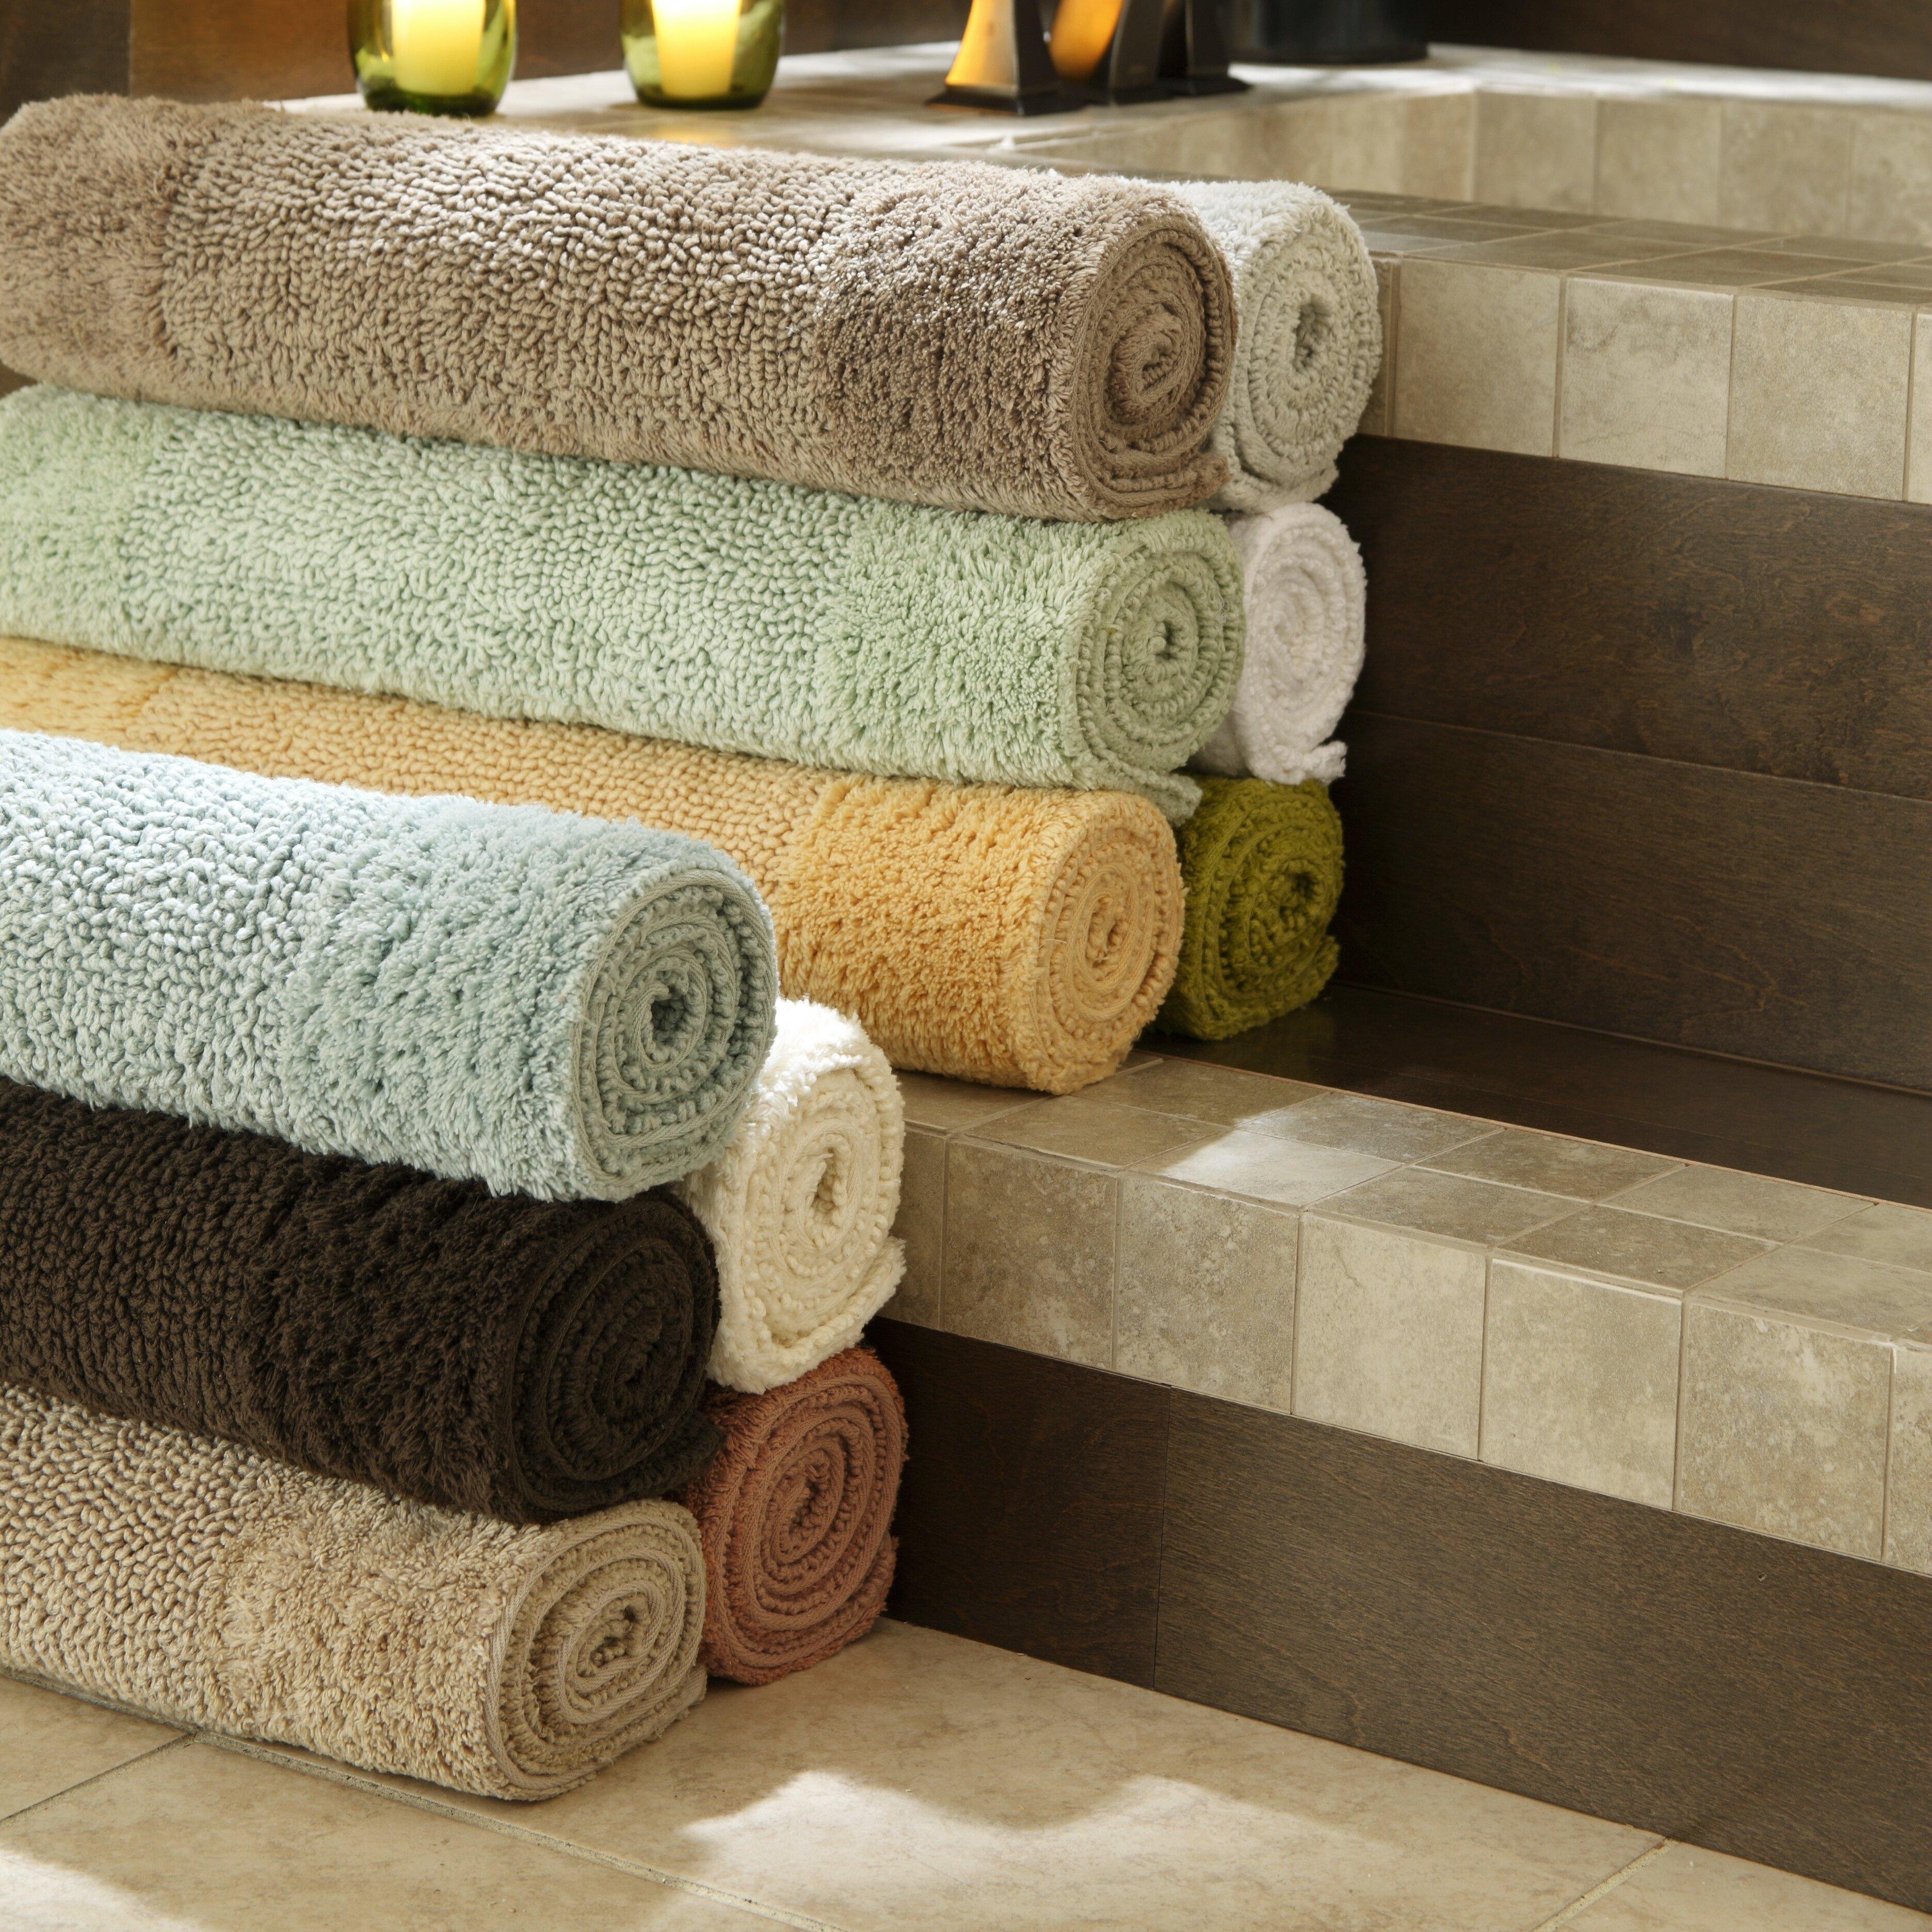 Kassatex Cotton/Rayon Bath Mat & Reviews